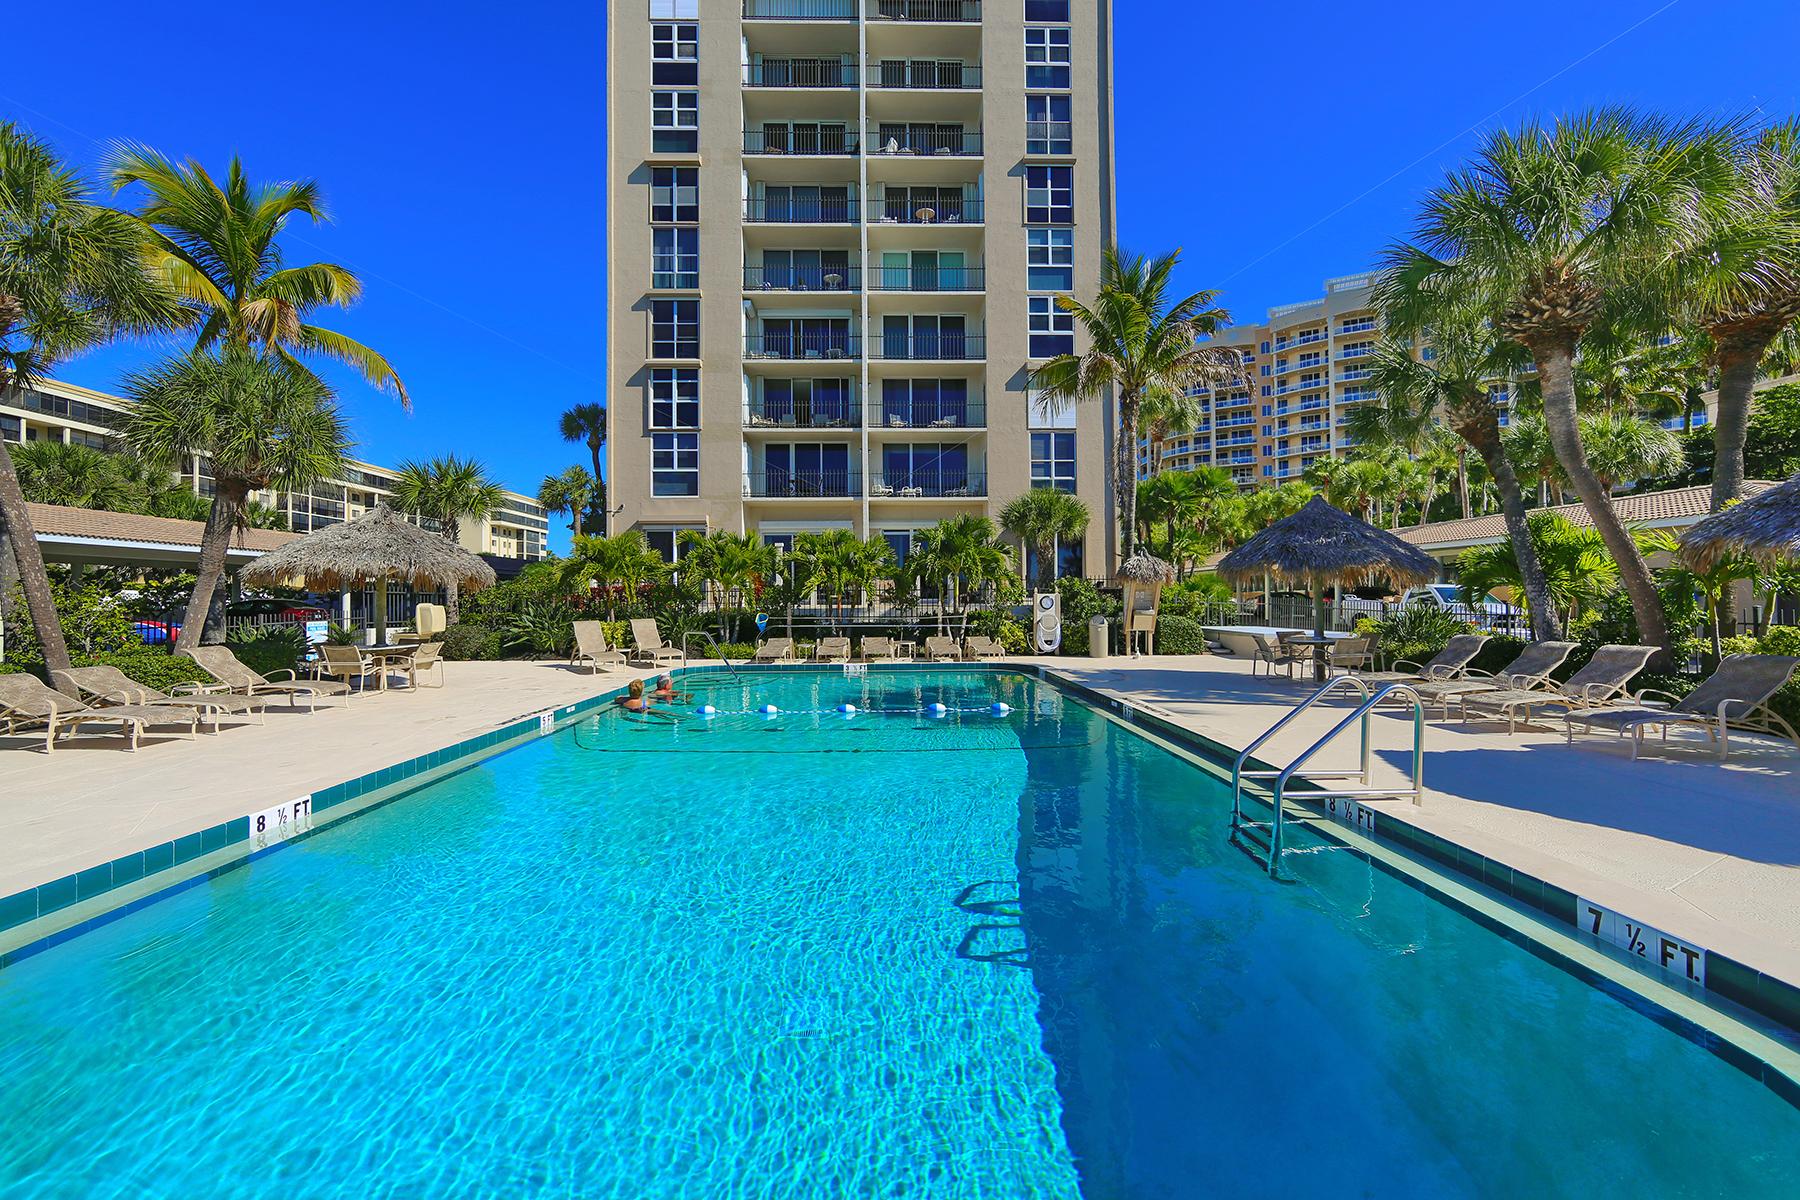 콘도미니엄 용 매매 에 SARASOTA 1212 Benjamin Franklin Dr 307 Sarasota, 플로리다, 34236 미국